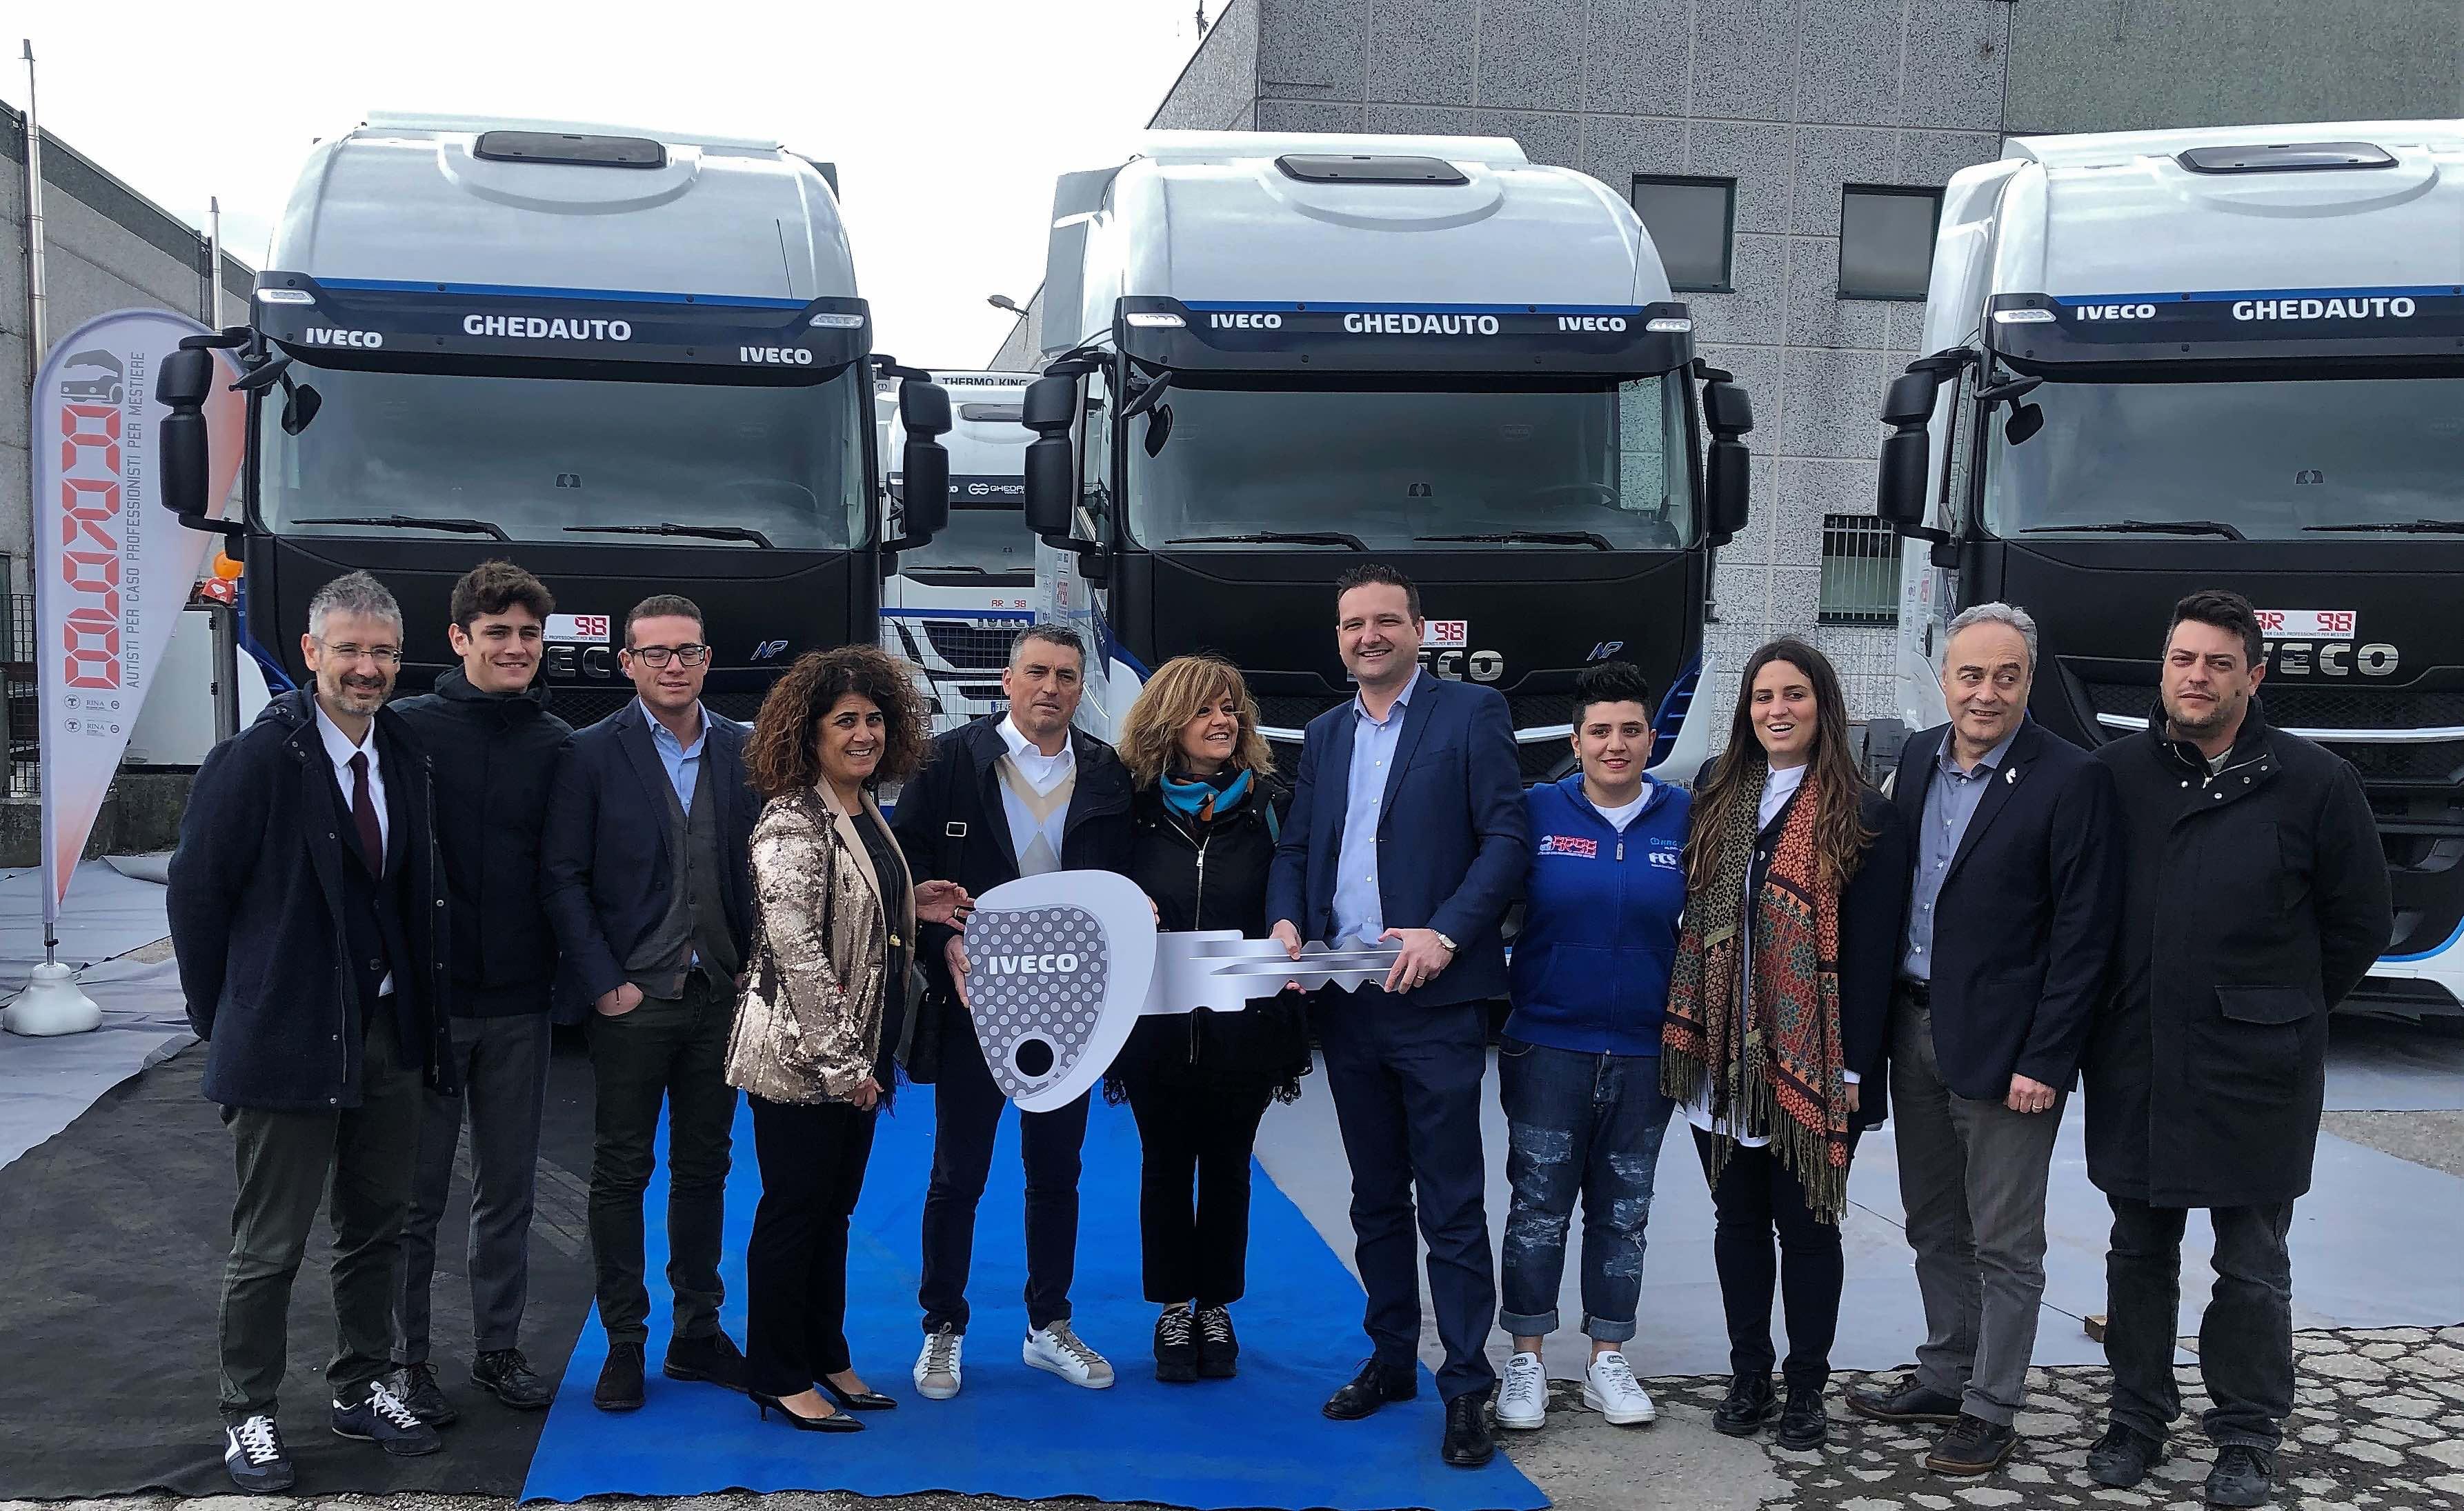 Iveco consegna 6 nuovi Stralis NP 460 alla romagnola Autotrasporti Rattini Angelo